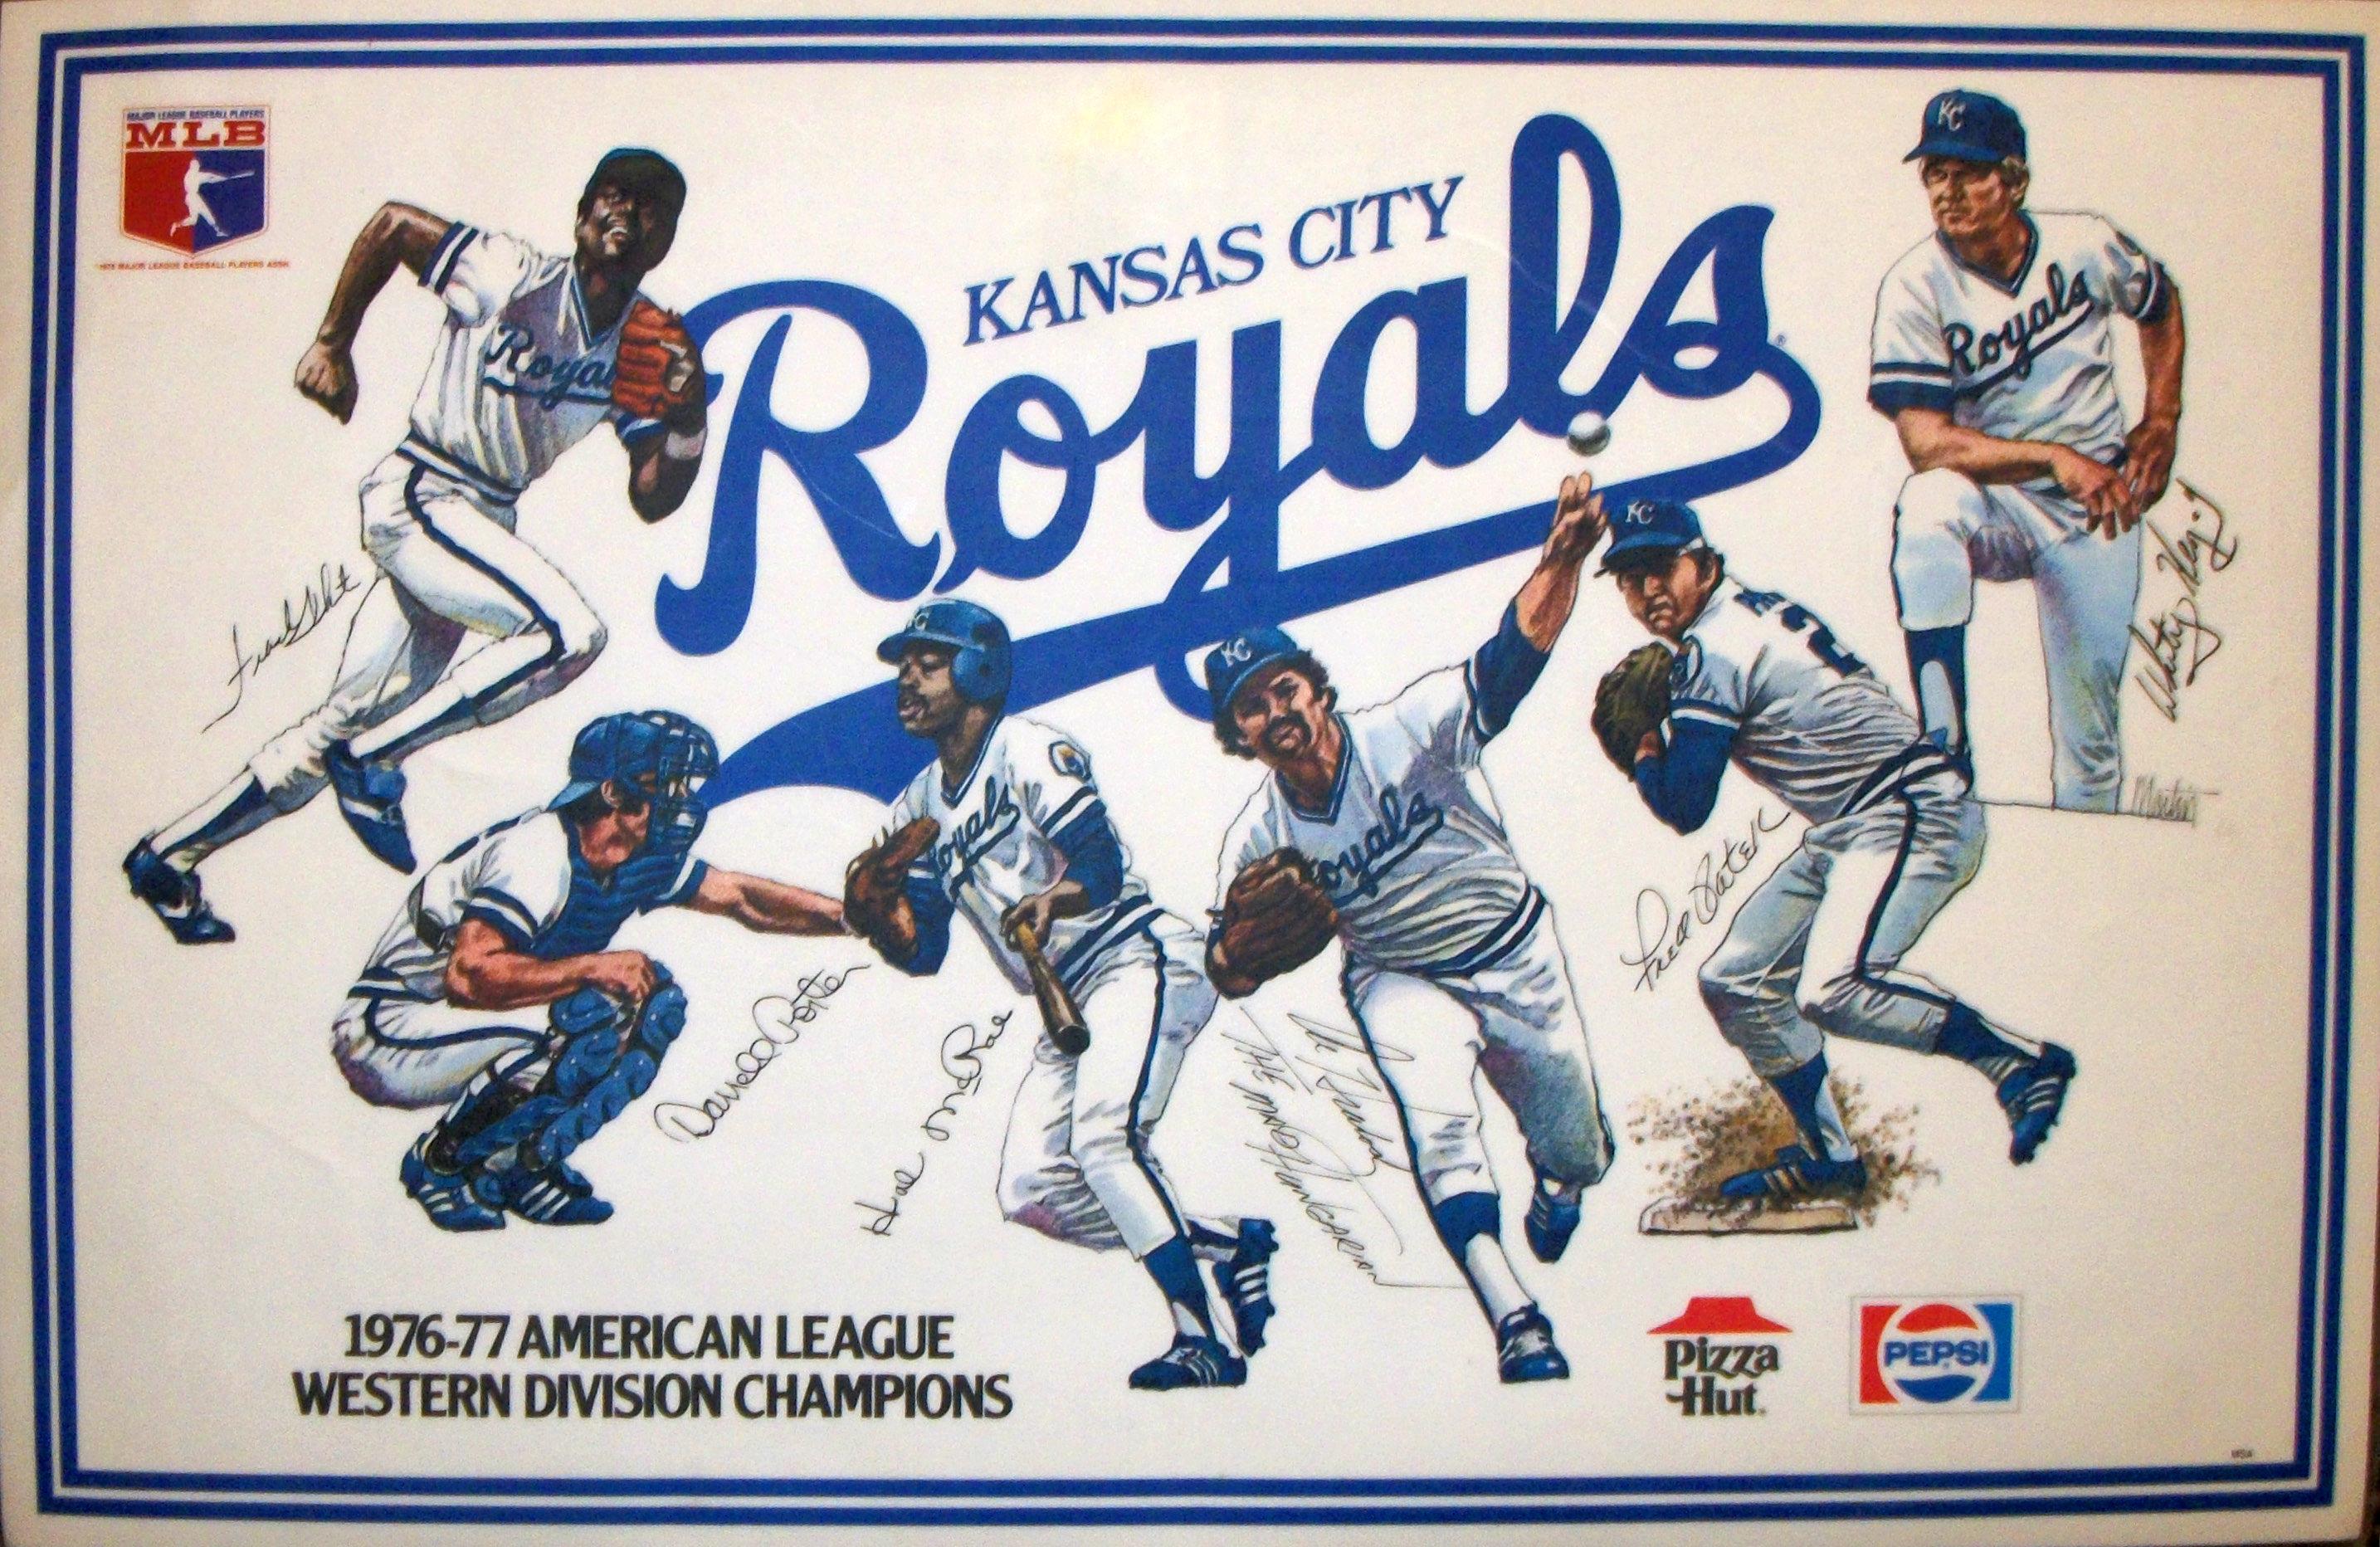 KANSAS CITY ROYALS mlb baseball (28) wallpaper     232220    WallpaperUP